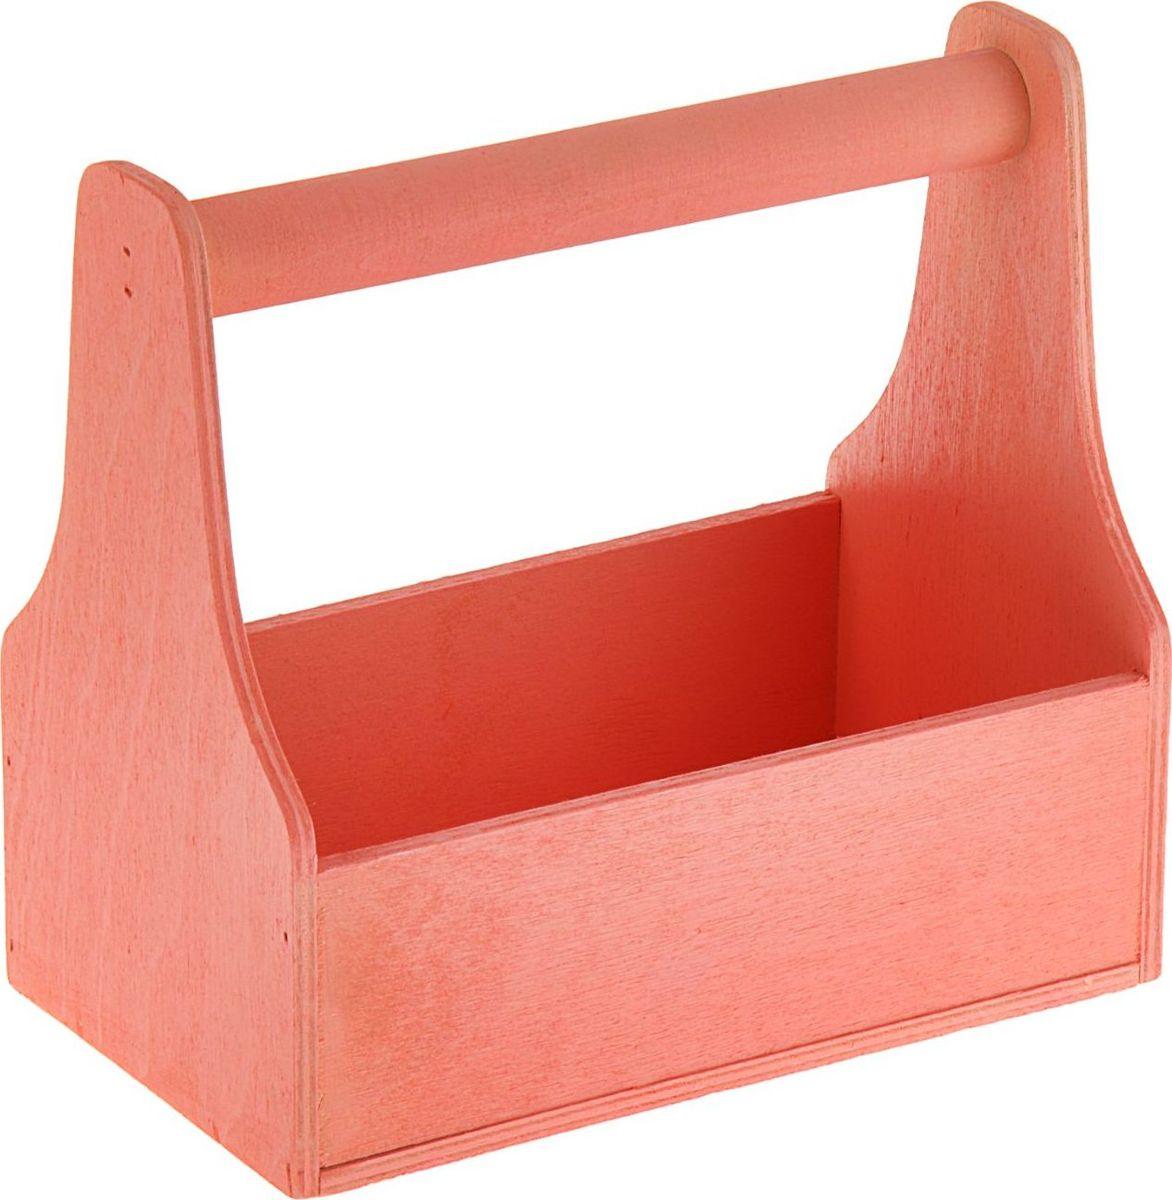 Кашпо ТД ДМ Ящик для инструментов, цвет: розовый, 20 х 20 х 12,5 см1874337— сувенир в полном смысле этого слова. И главная его задача — хранить воспоминание о месте, где вы побывали, или о том человеке, который подарил данный предмет. Преподнесите эту вещь своему другу, и она станет достойным украшением его дома.